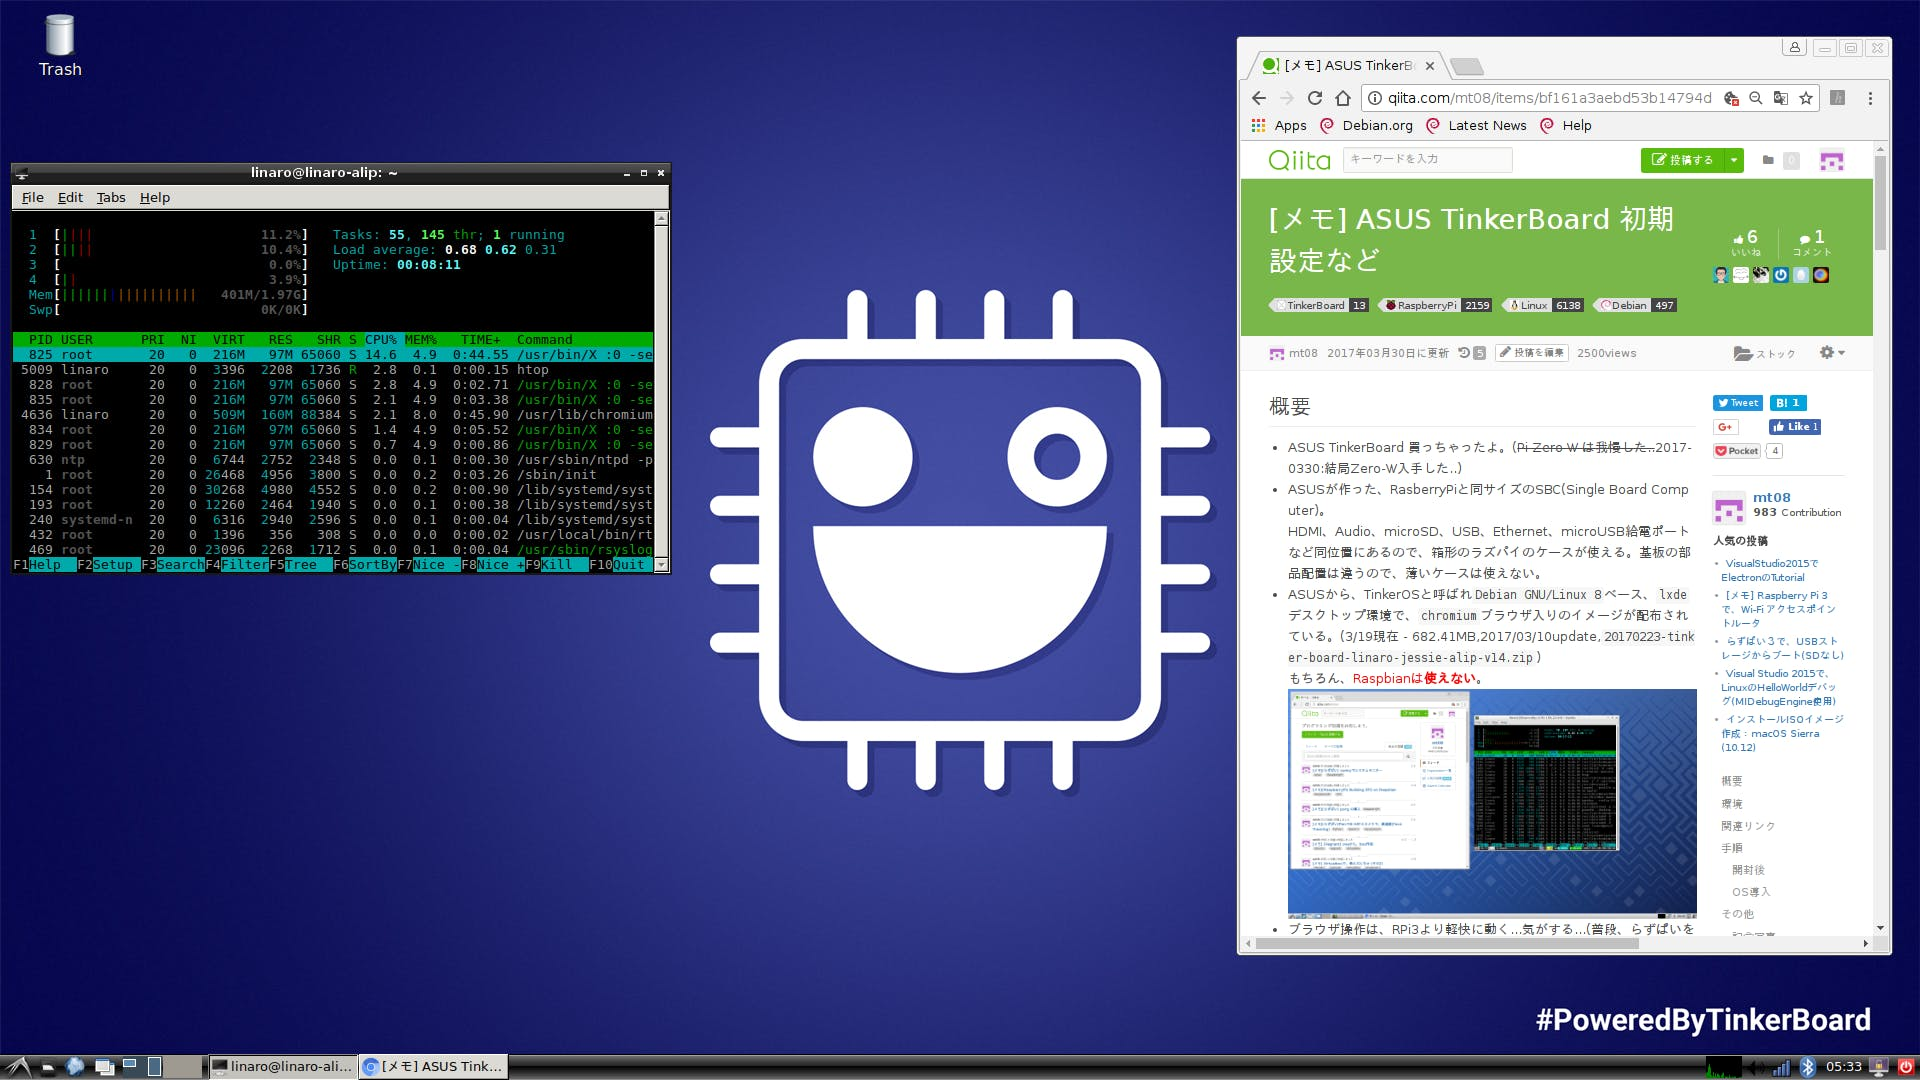 メモ] ASUS TinkerBoardでRaspbianイメージを起動 / RaspberryPiでも